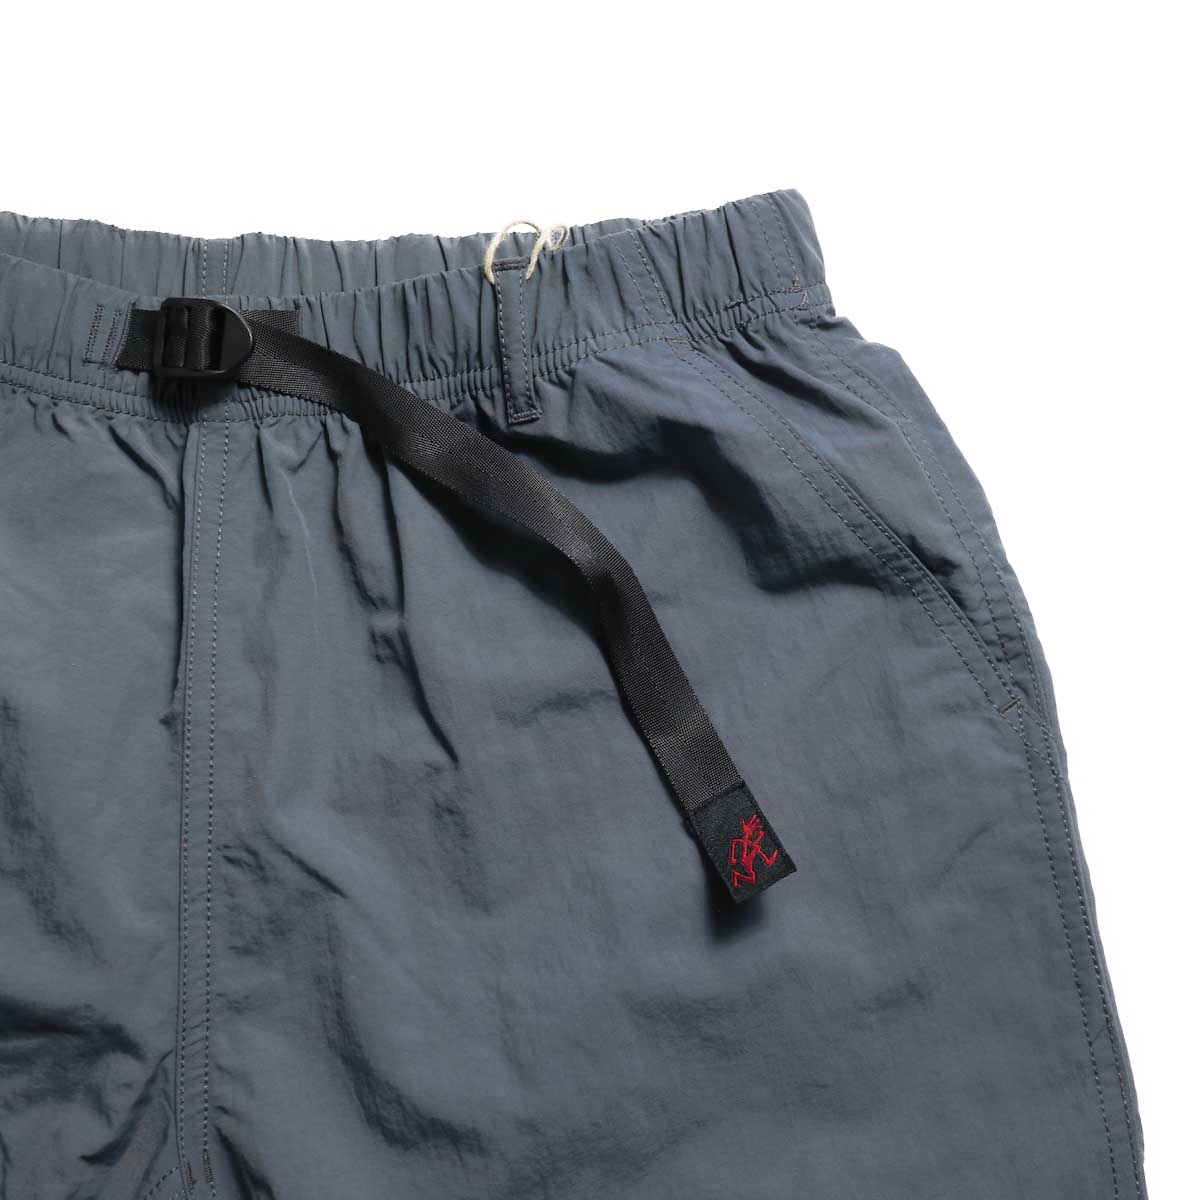 GRAMICCI / Shell Packable Shorts -Charcoal ウェビングベルト